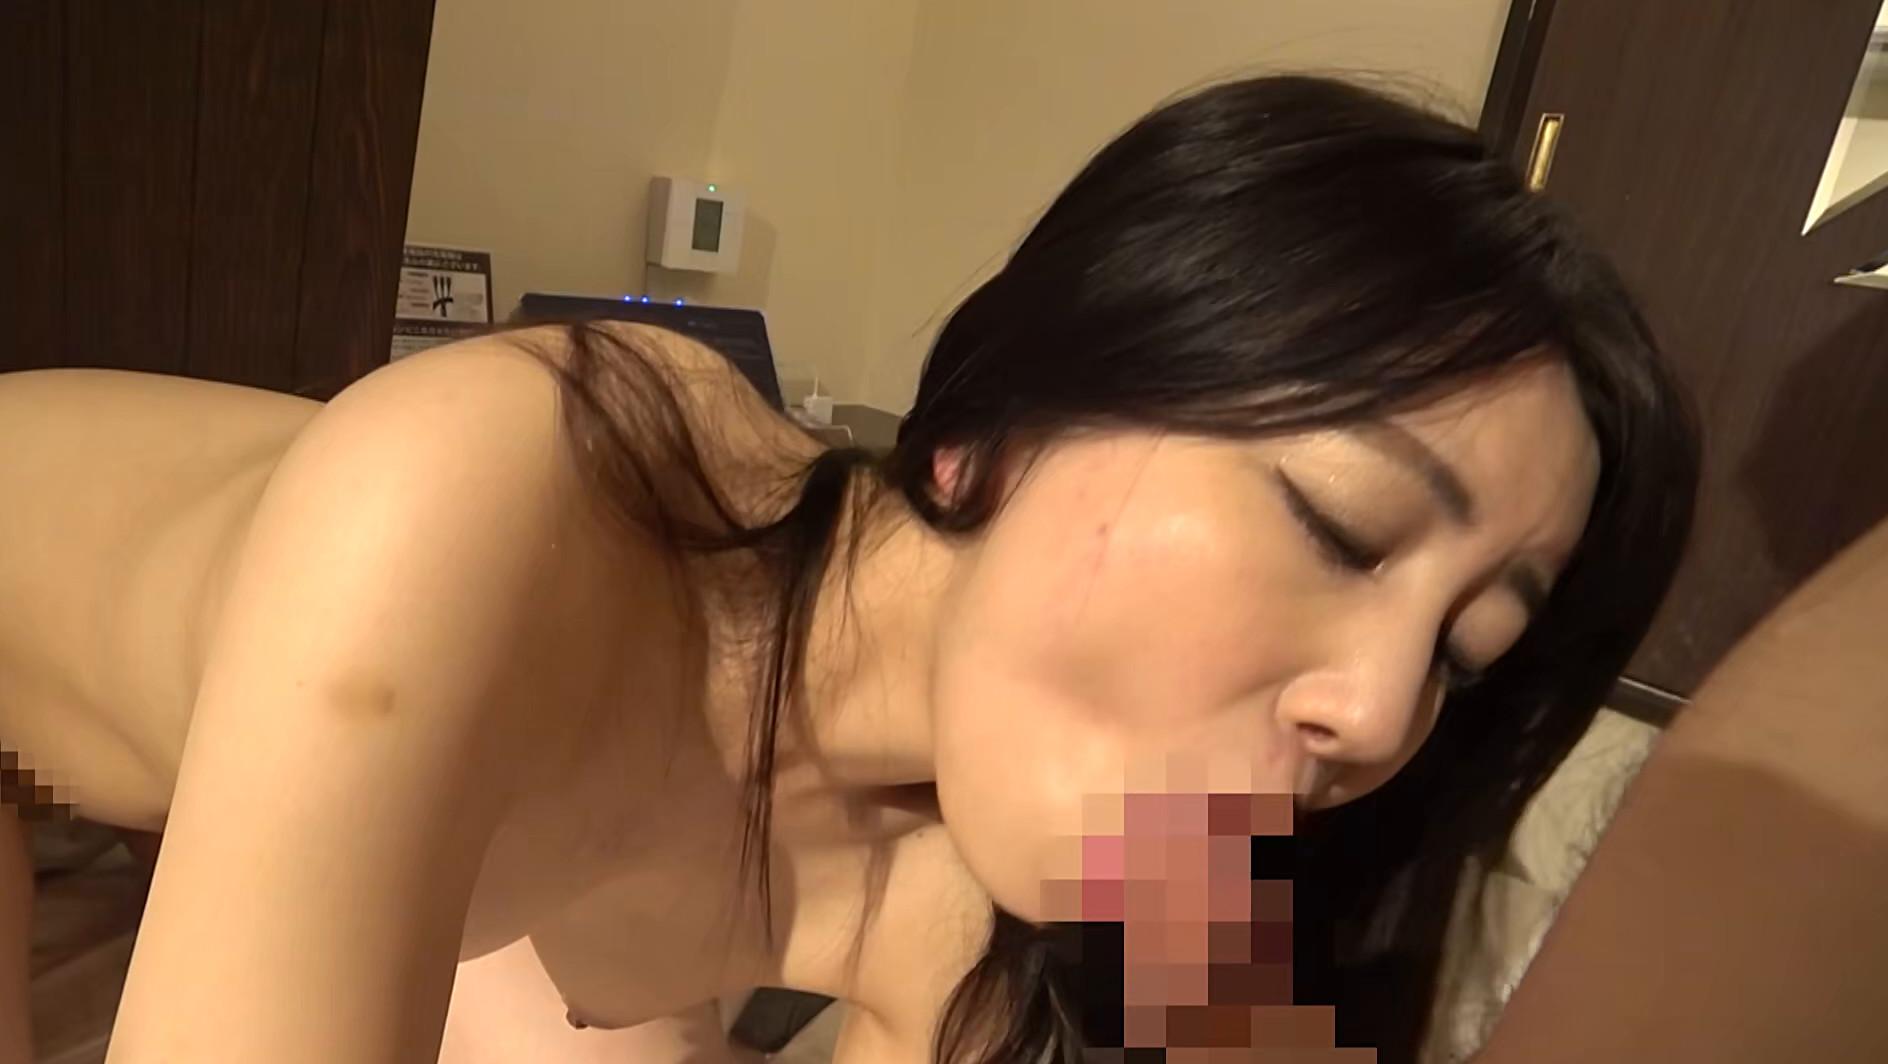 会社の同僚の婚約者を酔わせてホテルに連れ込みNTR 画像16